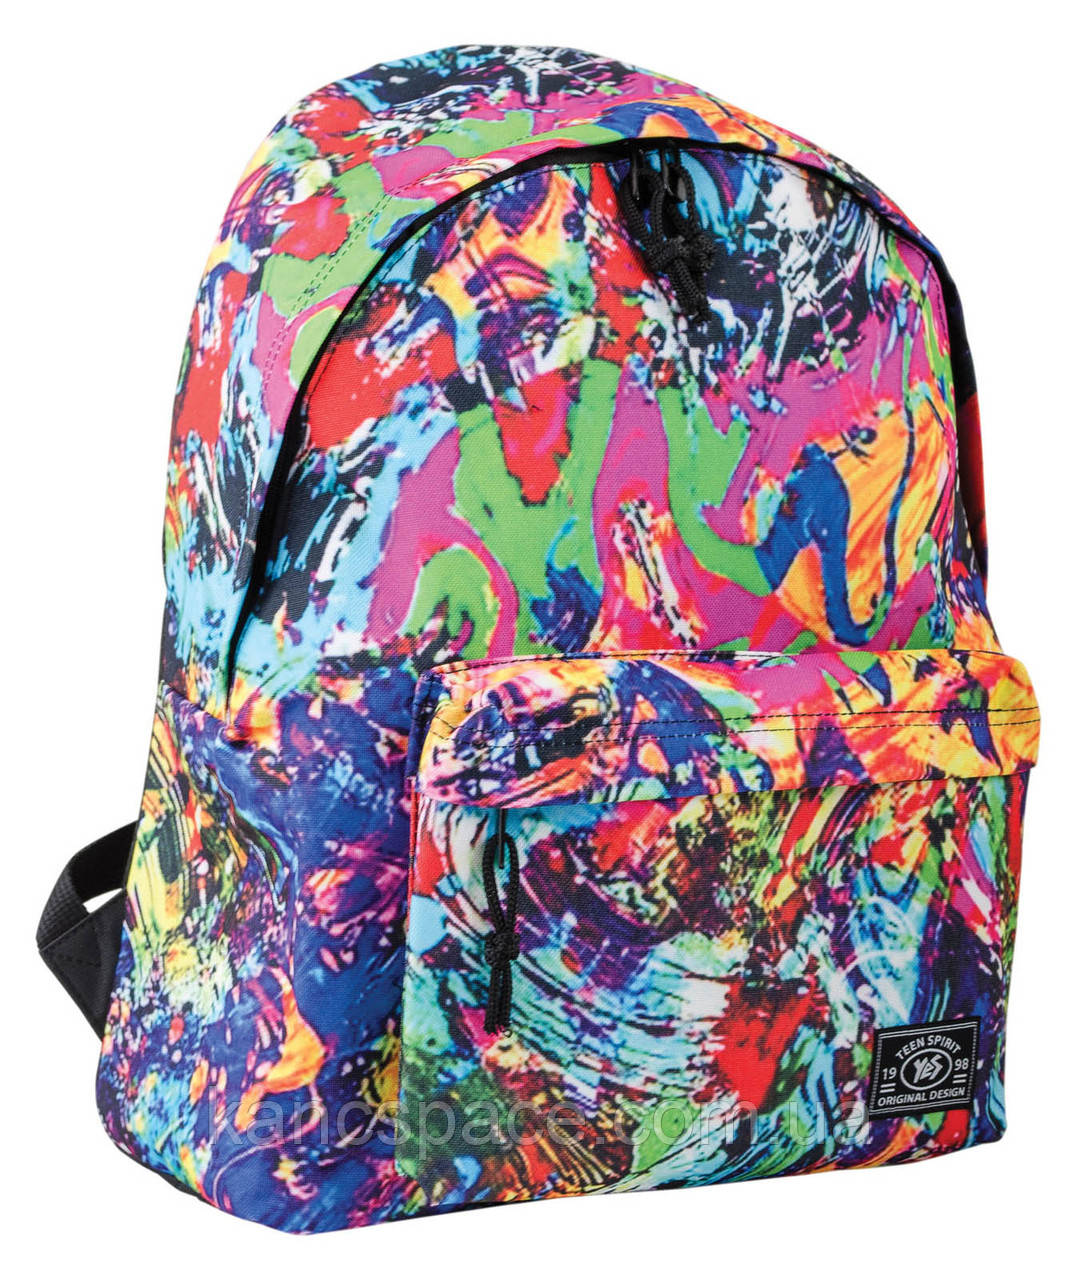 Рюкзак підлітковий ST-15 Crazy 05, 31*41*14